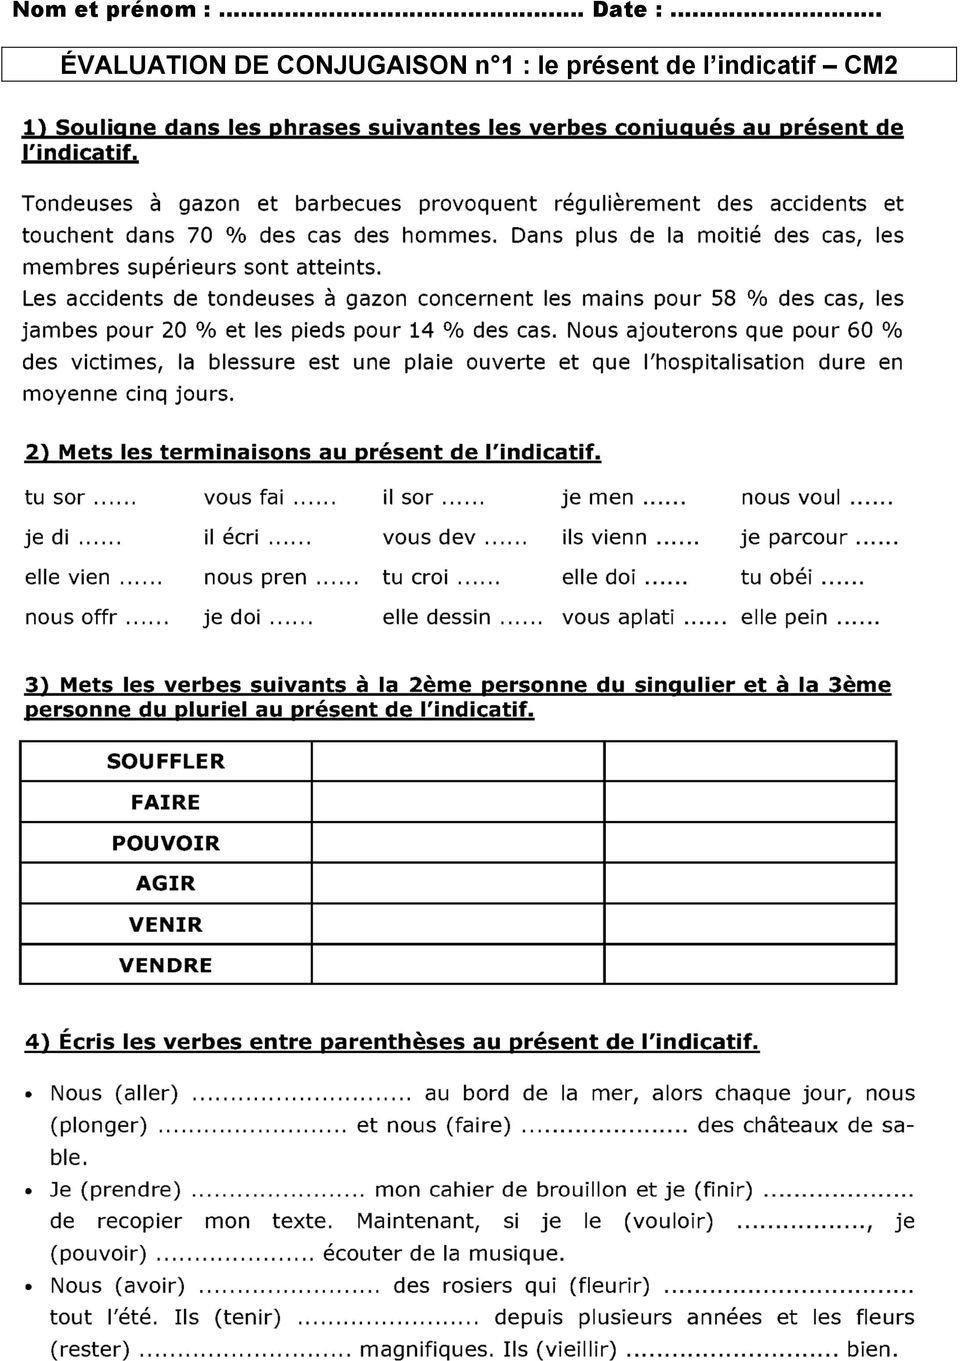 Évaluation De Conjugaison N 1 : Le Présent De L Indicatif à Dormir Au Présent De L Indicatif